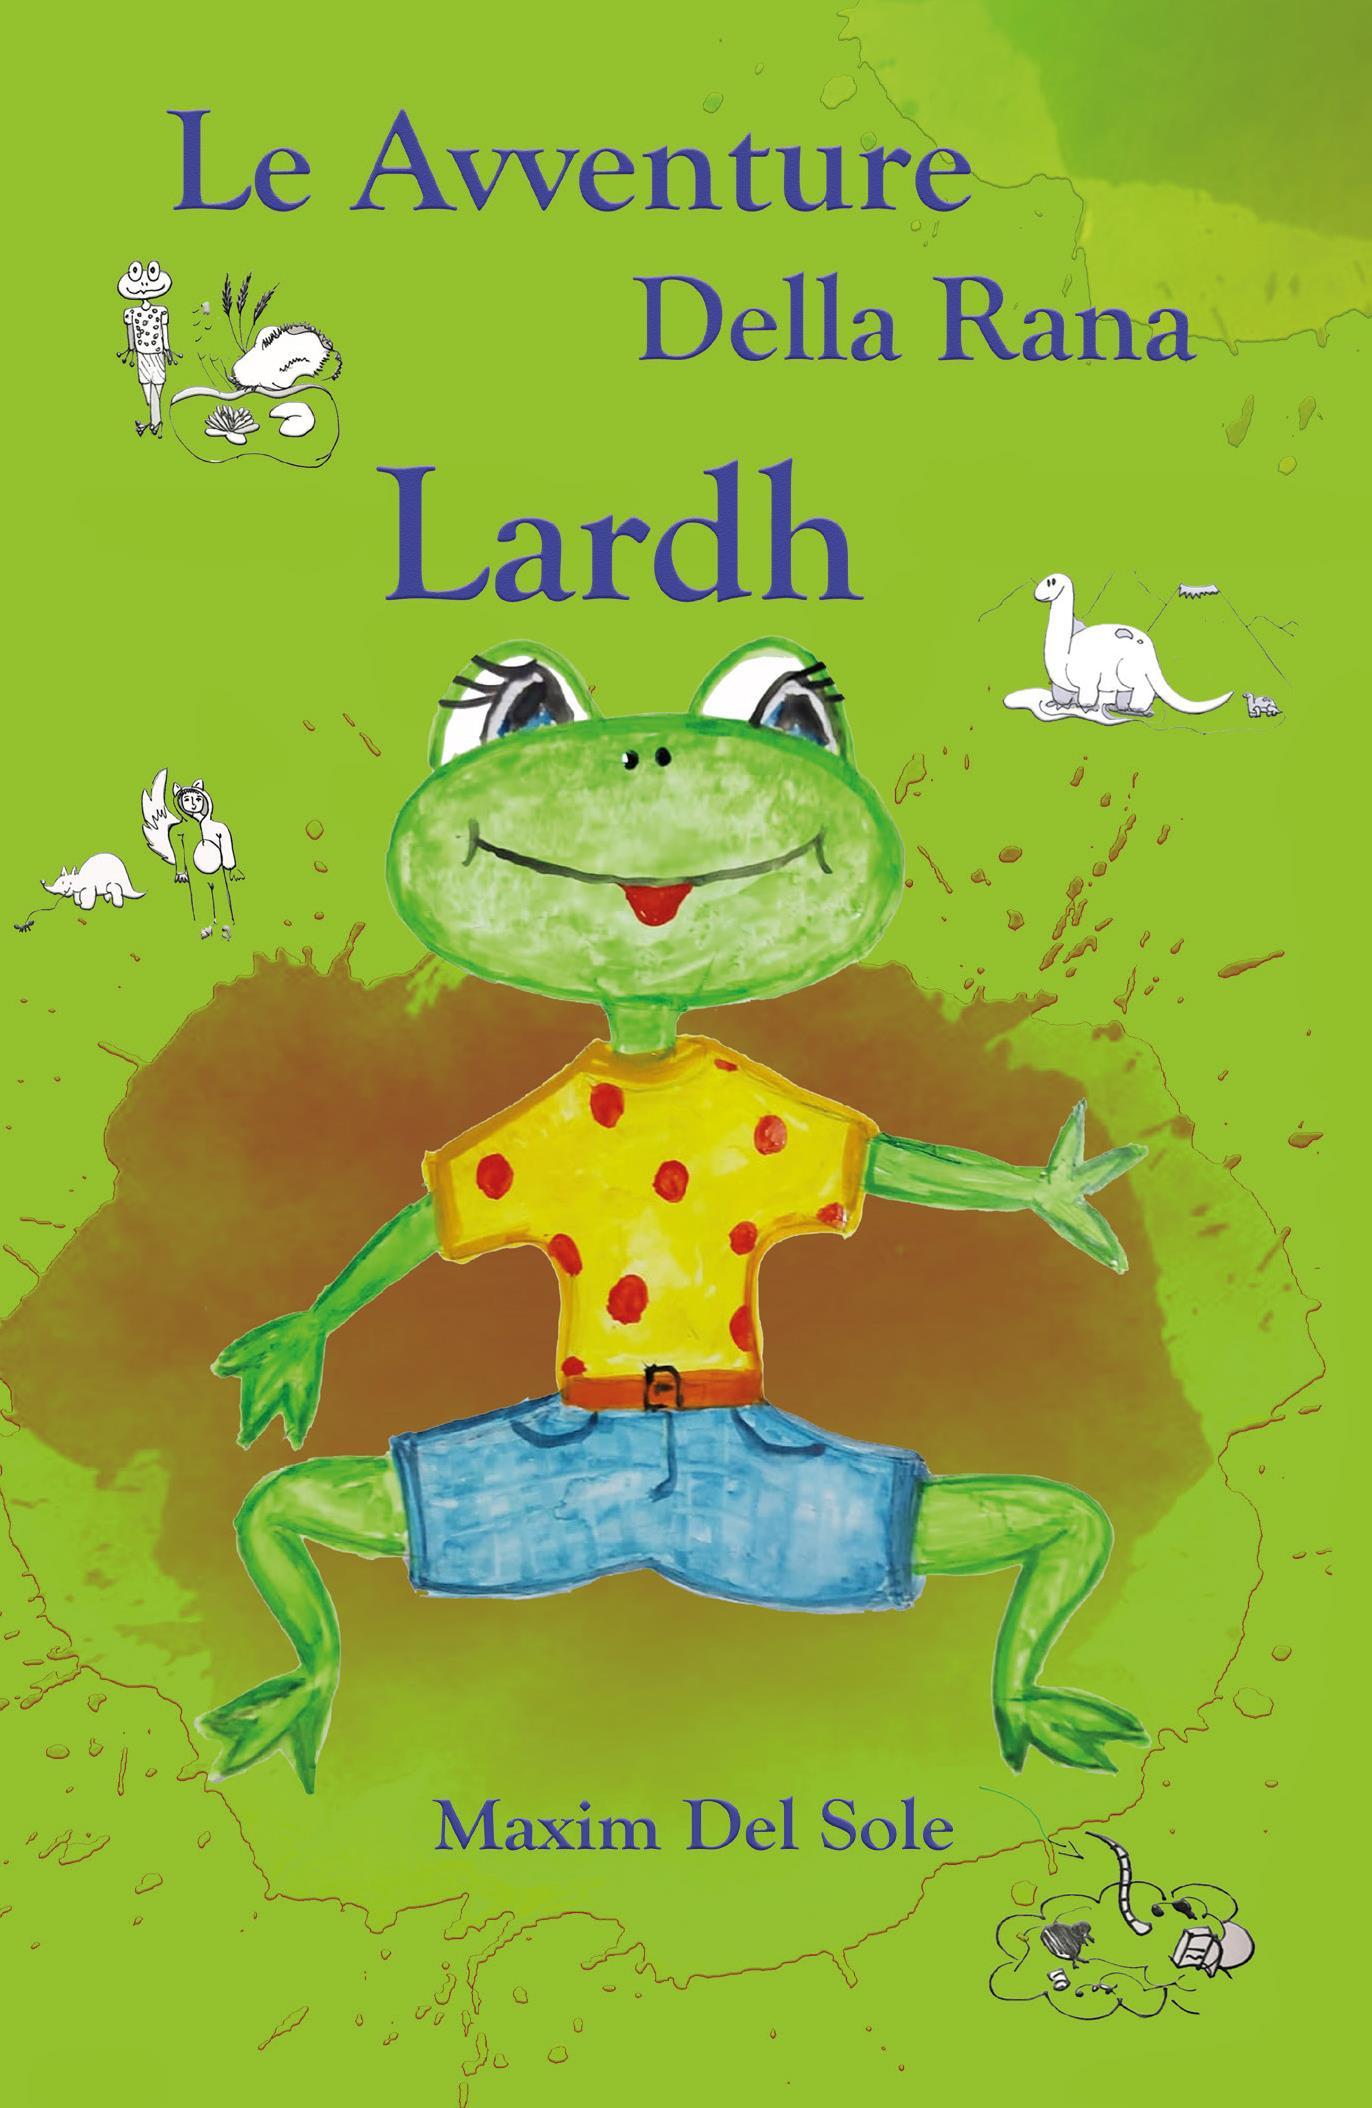 Le avventure della rana Lardh